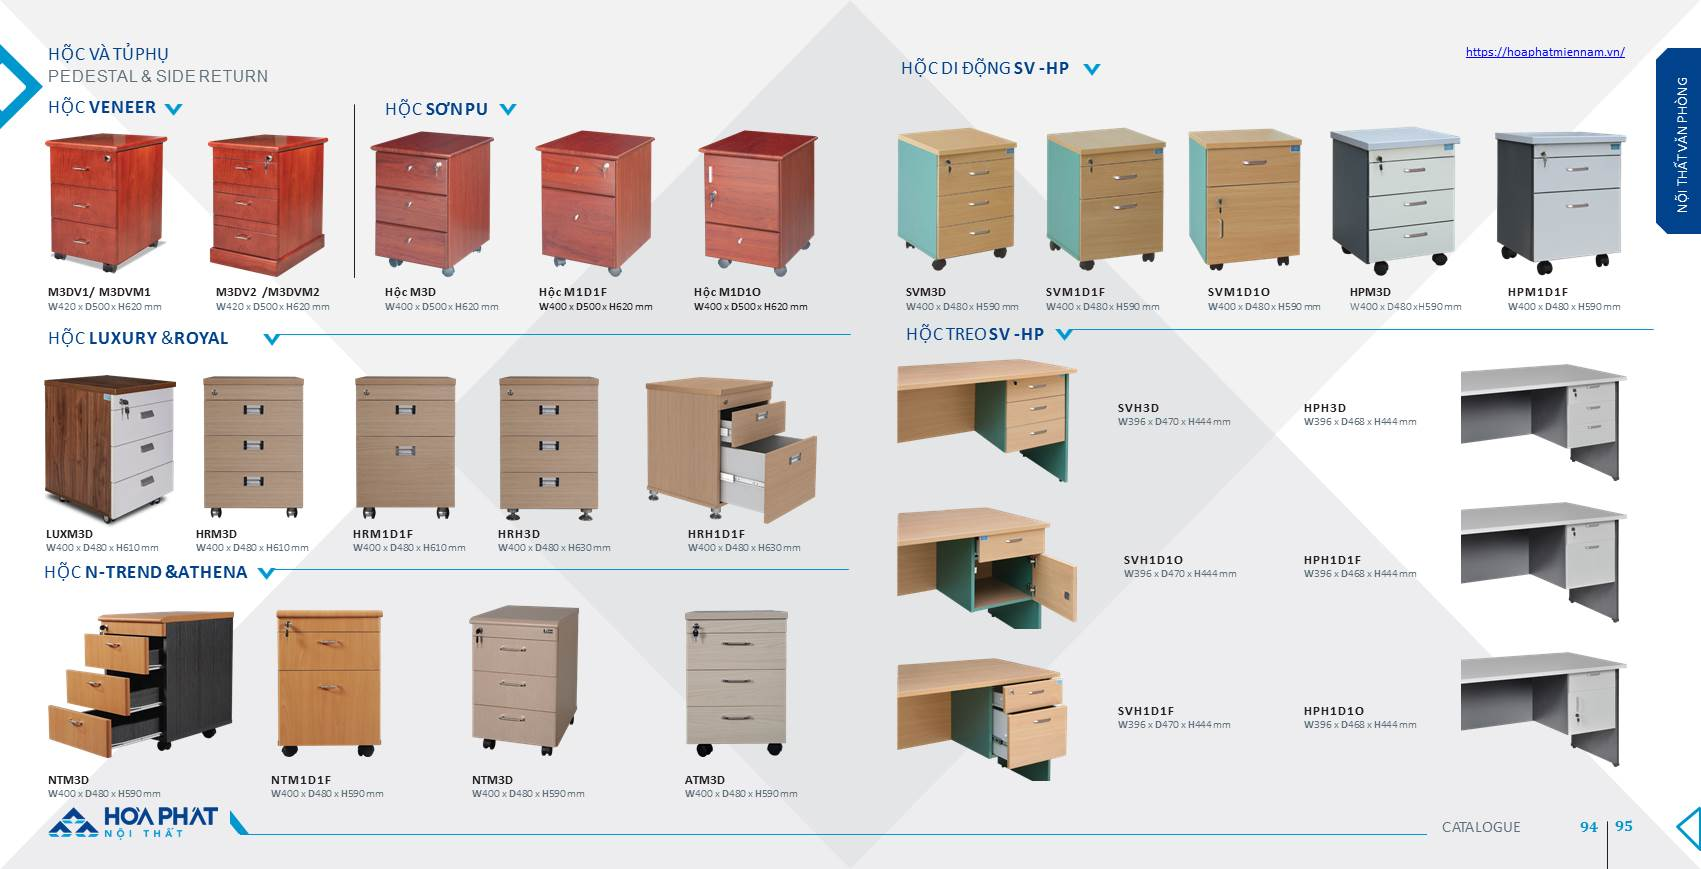 Catalogue hộc tủ phụ Hòa Phát